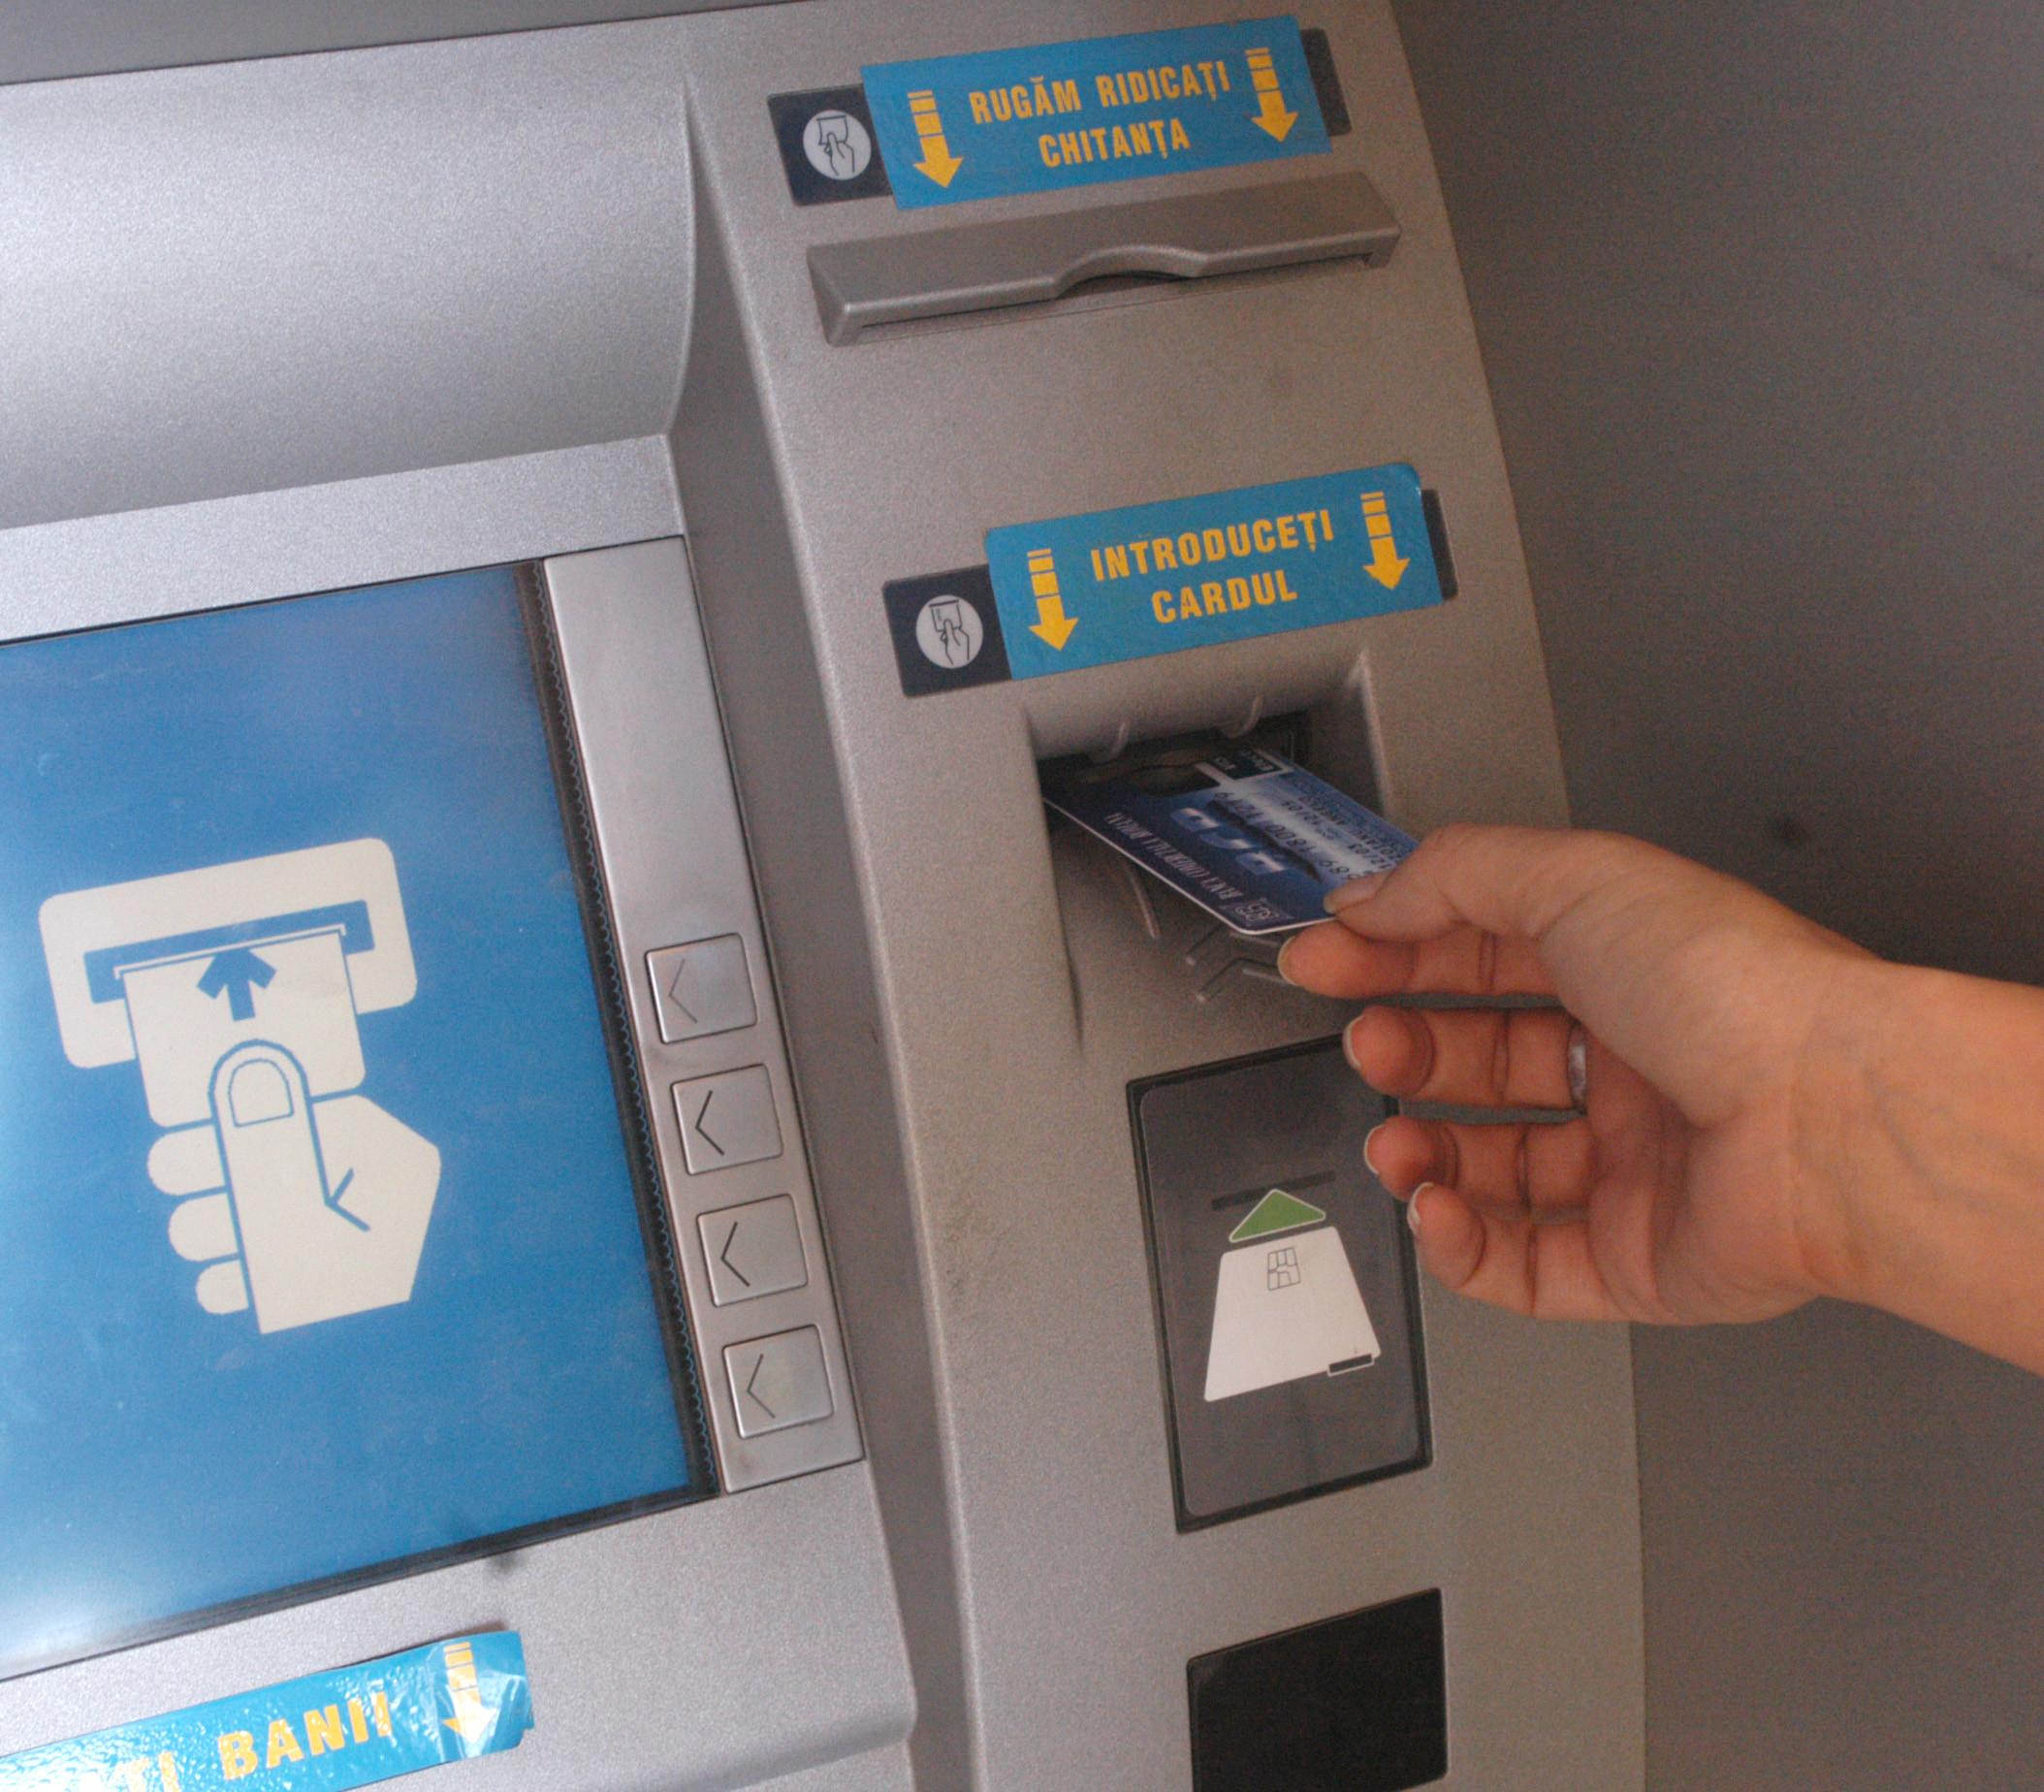 Un polițist din Botoșani a dus cu mașina poliției un șofer care nu avea cash la el să scoată bani de la bancomat pentru șpagă